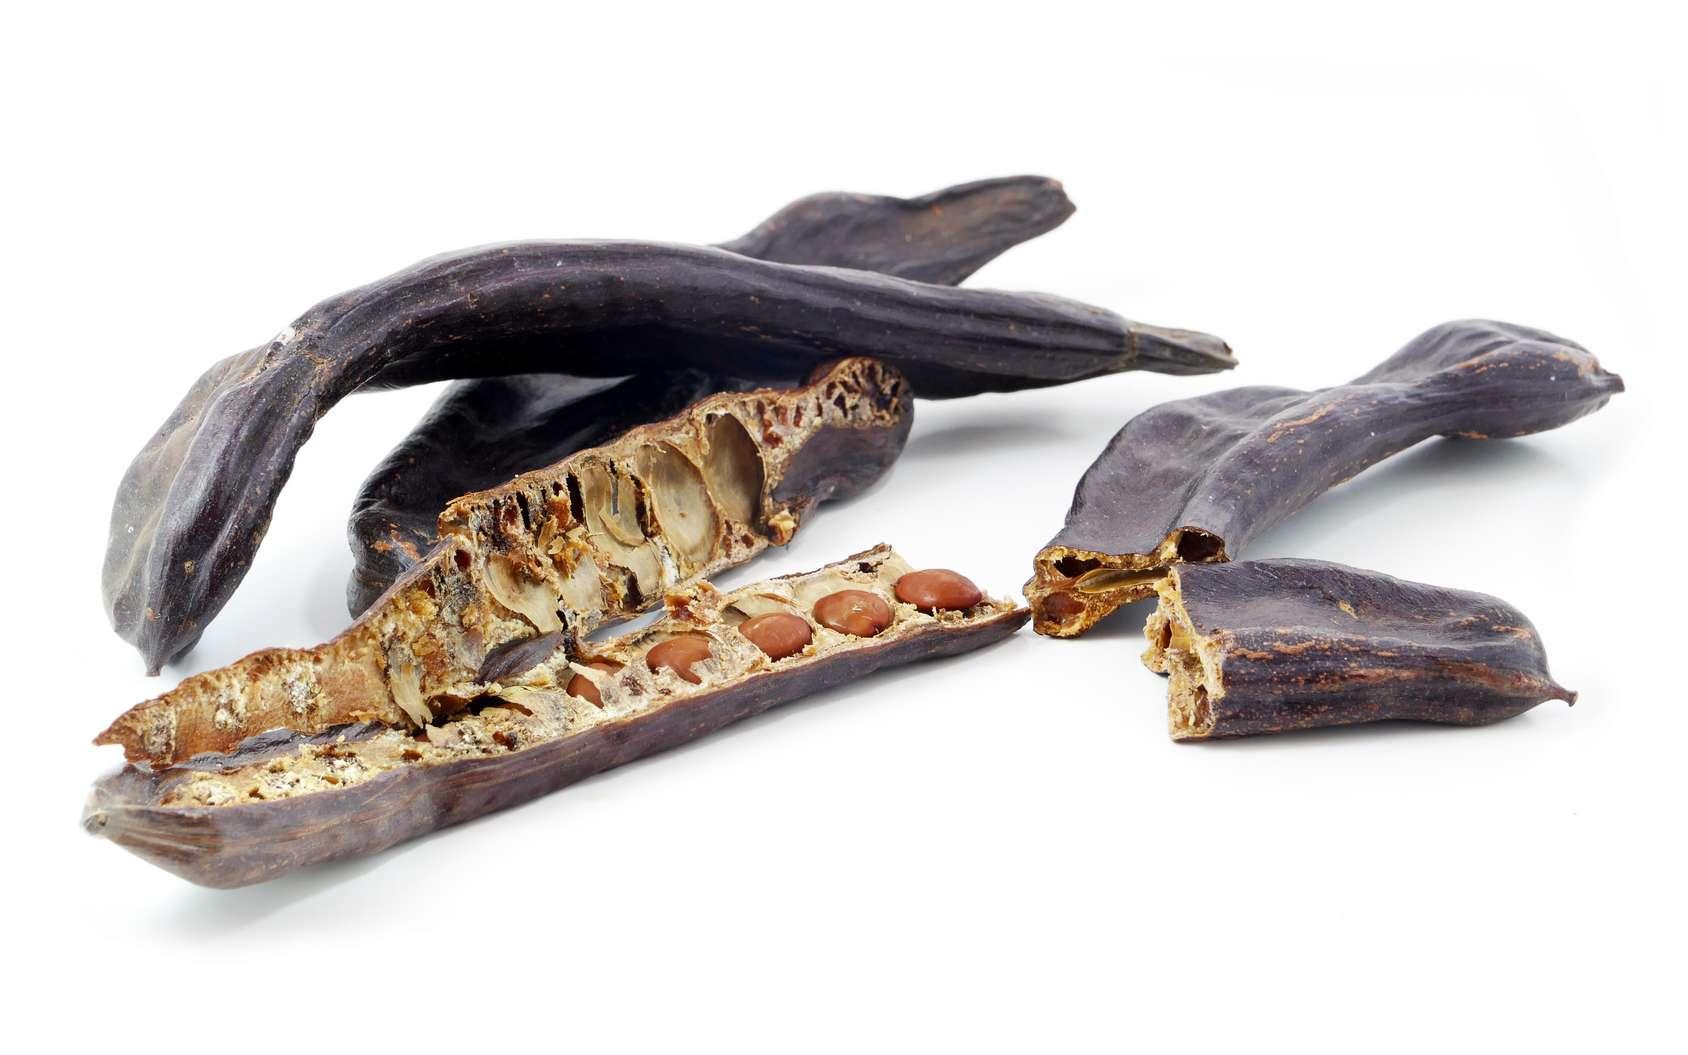 Le caroubier, dont la graine est pleine de vertus santé, est originaire des pays méditerranéens. © Maren Winter, Fotolia